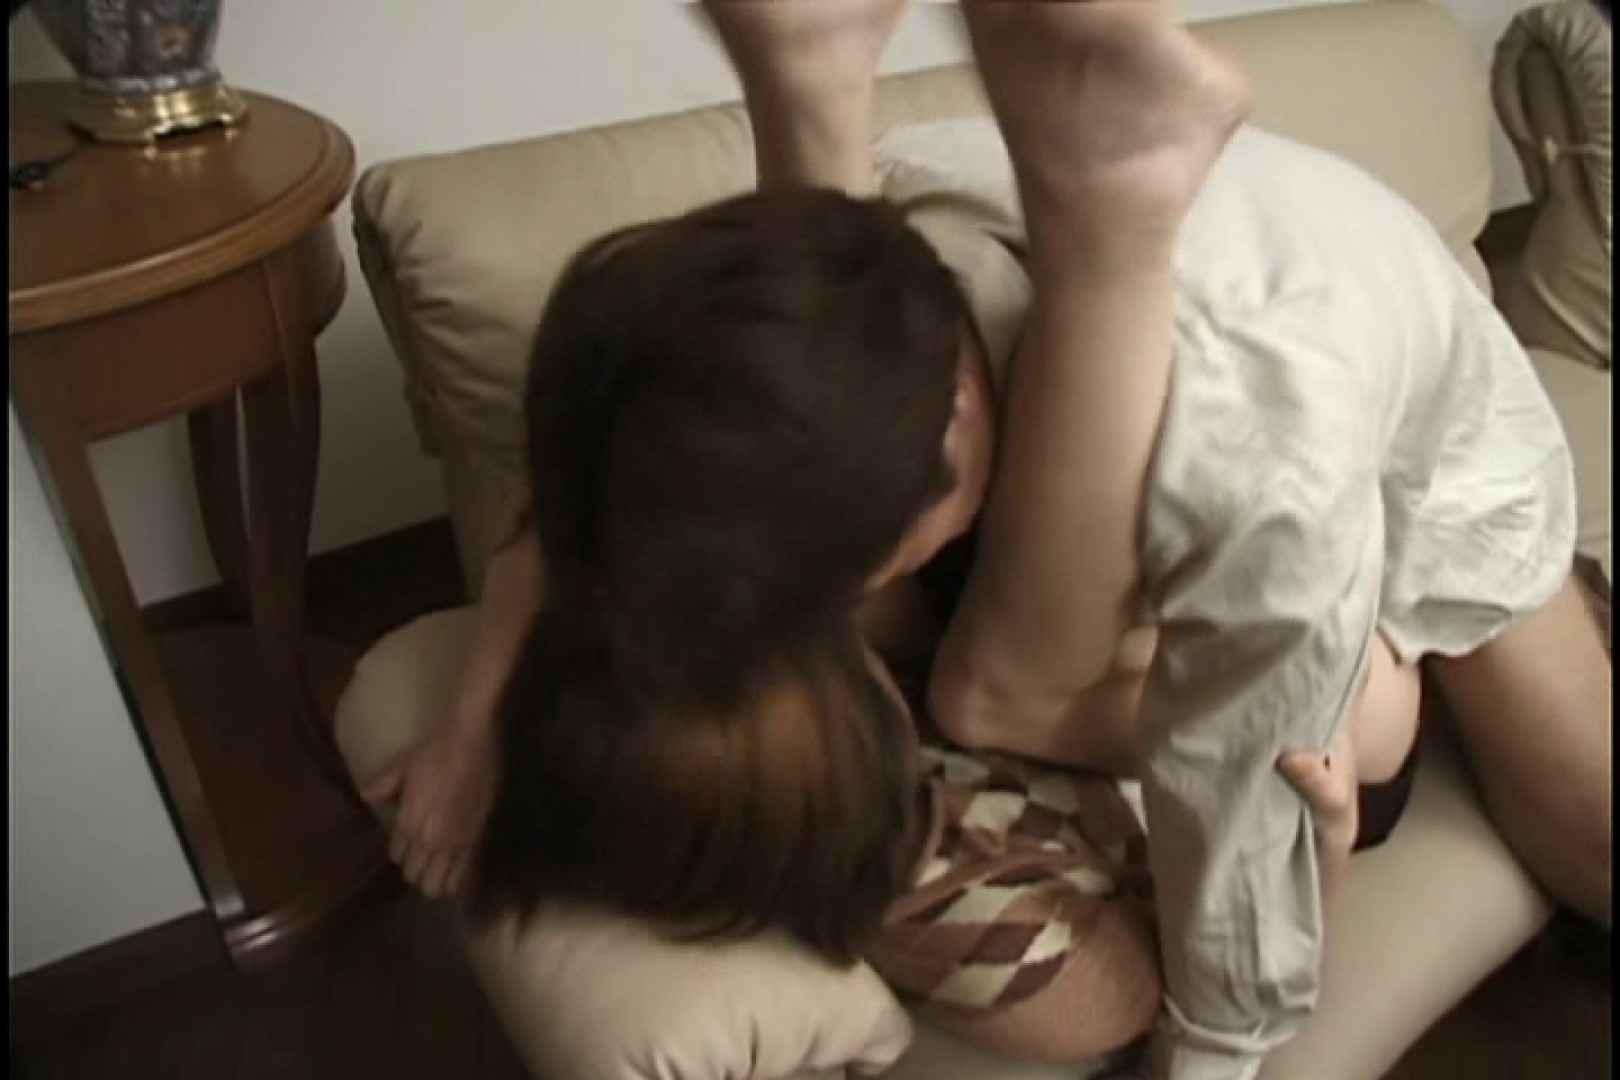 昼間の奥様は欲求不満 ~石川麻紀~ 熟女のエッチ  102pic 36